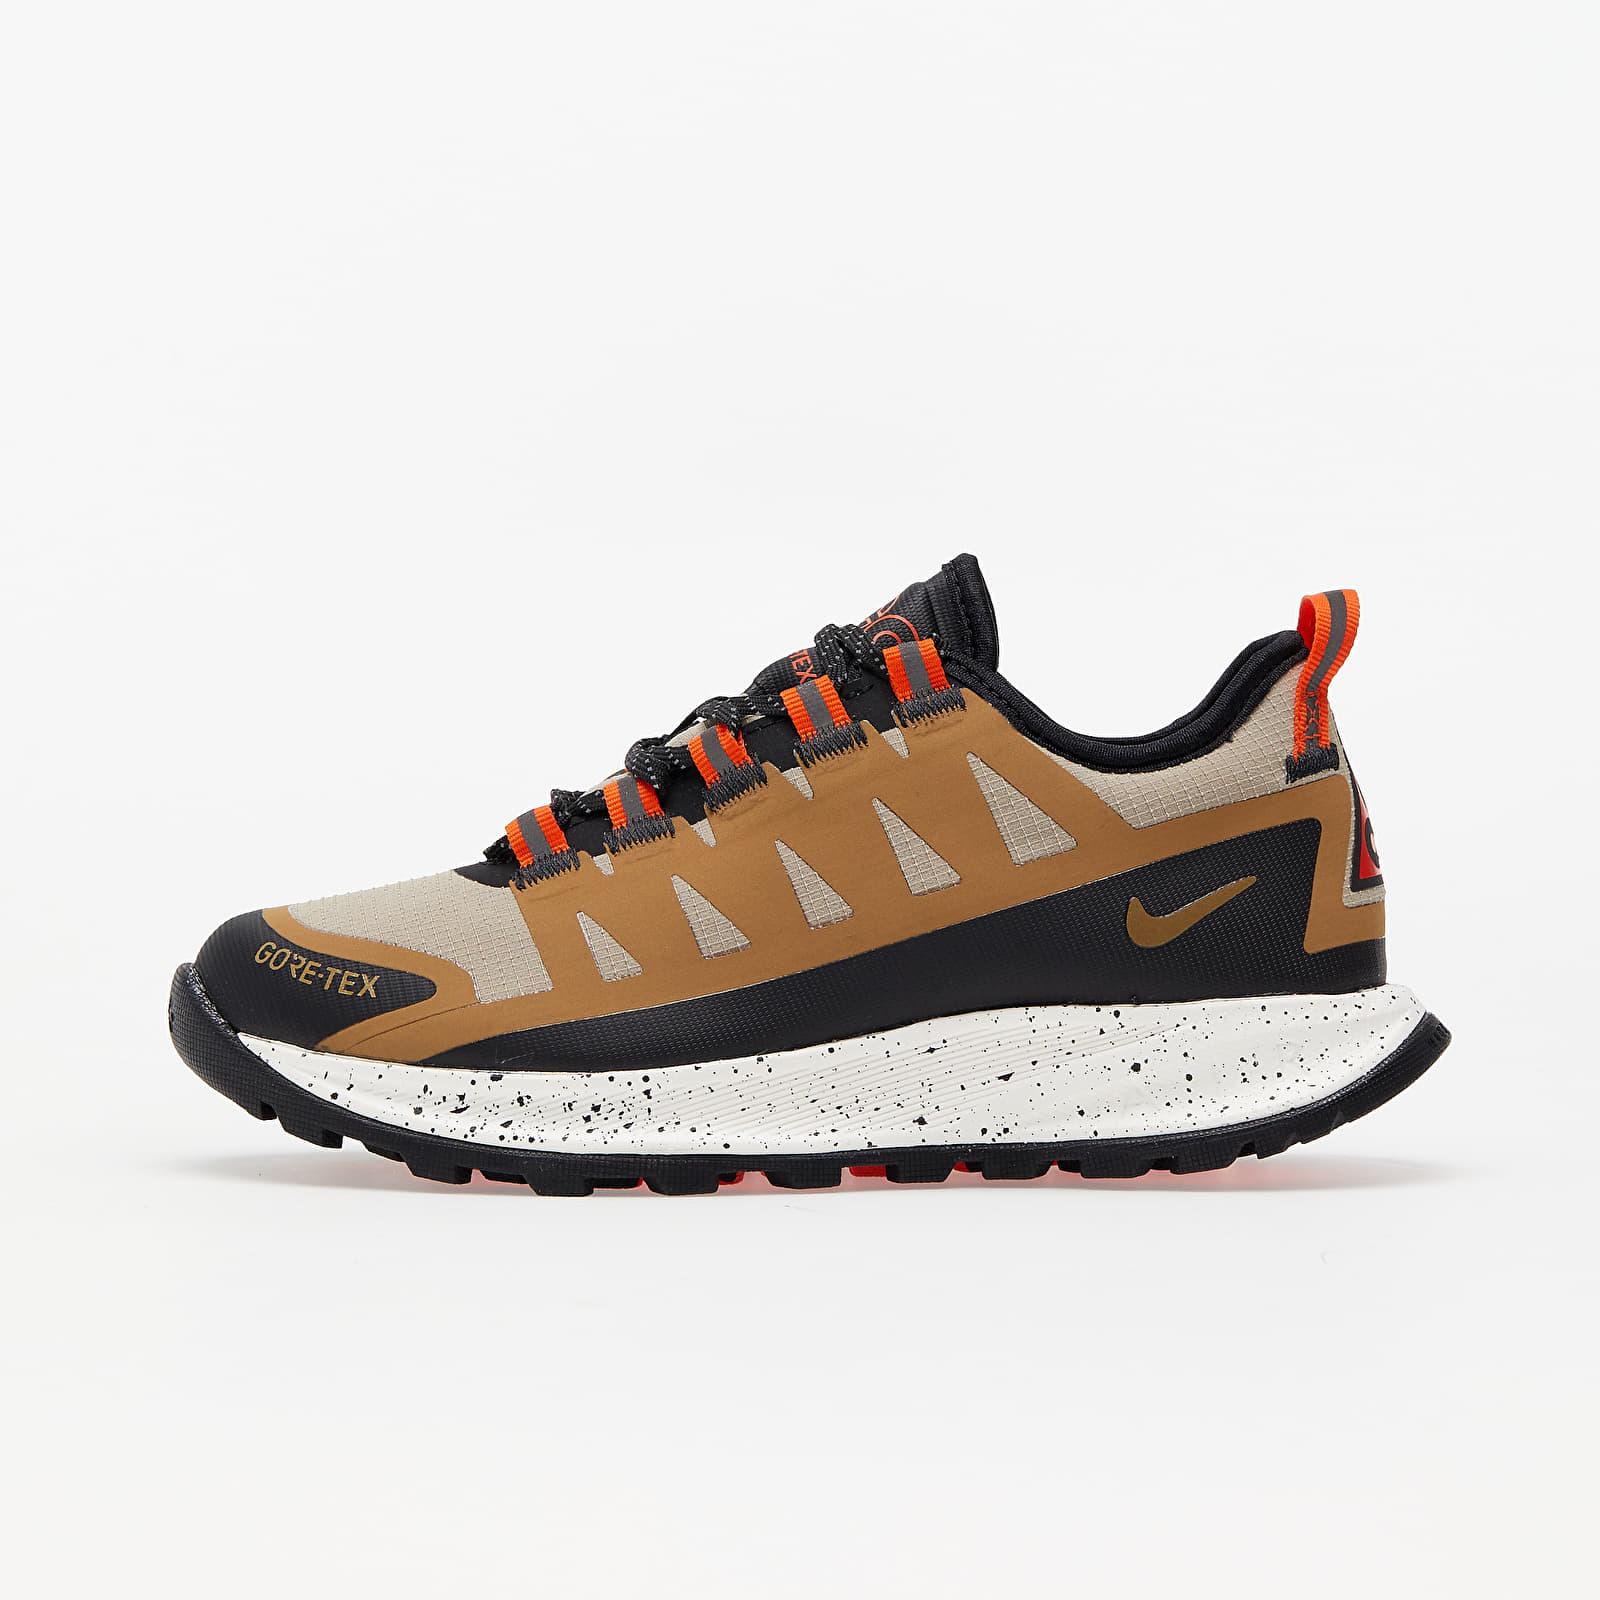 Încălțăminte și sneakerși pentru femei Nike W ACG Air Nasu Gore - Tex Khaki/ Golden Beige